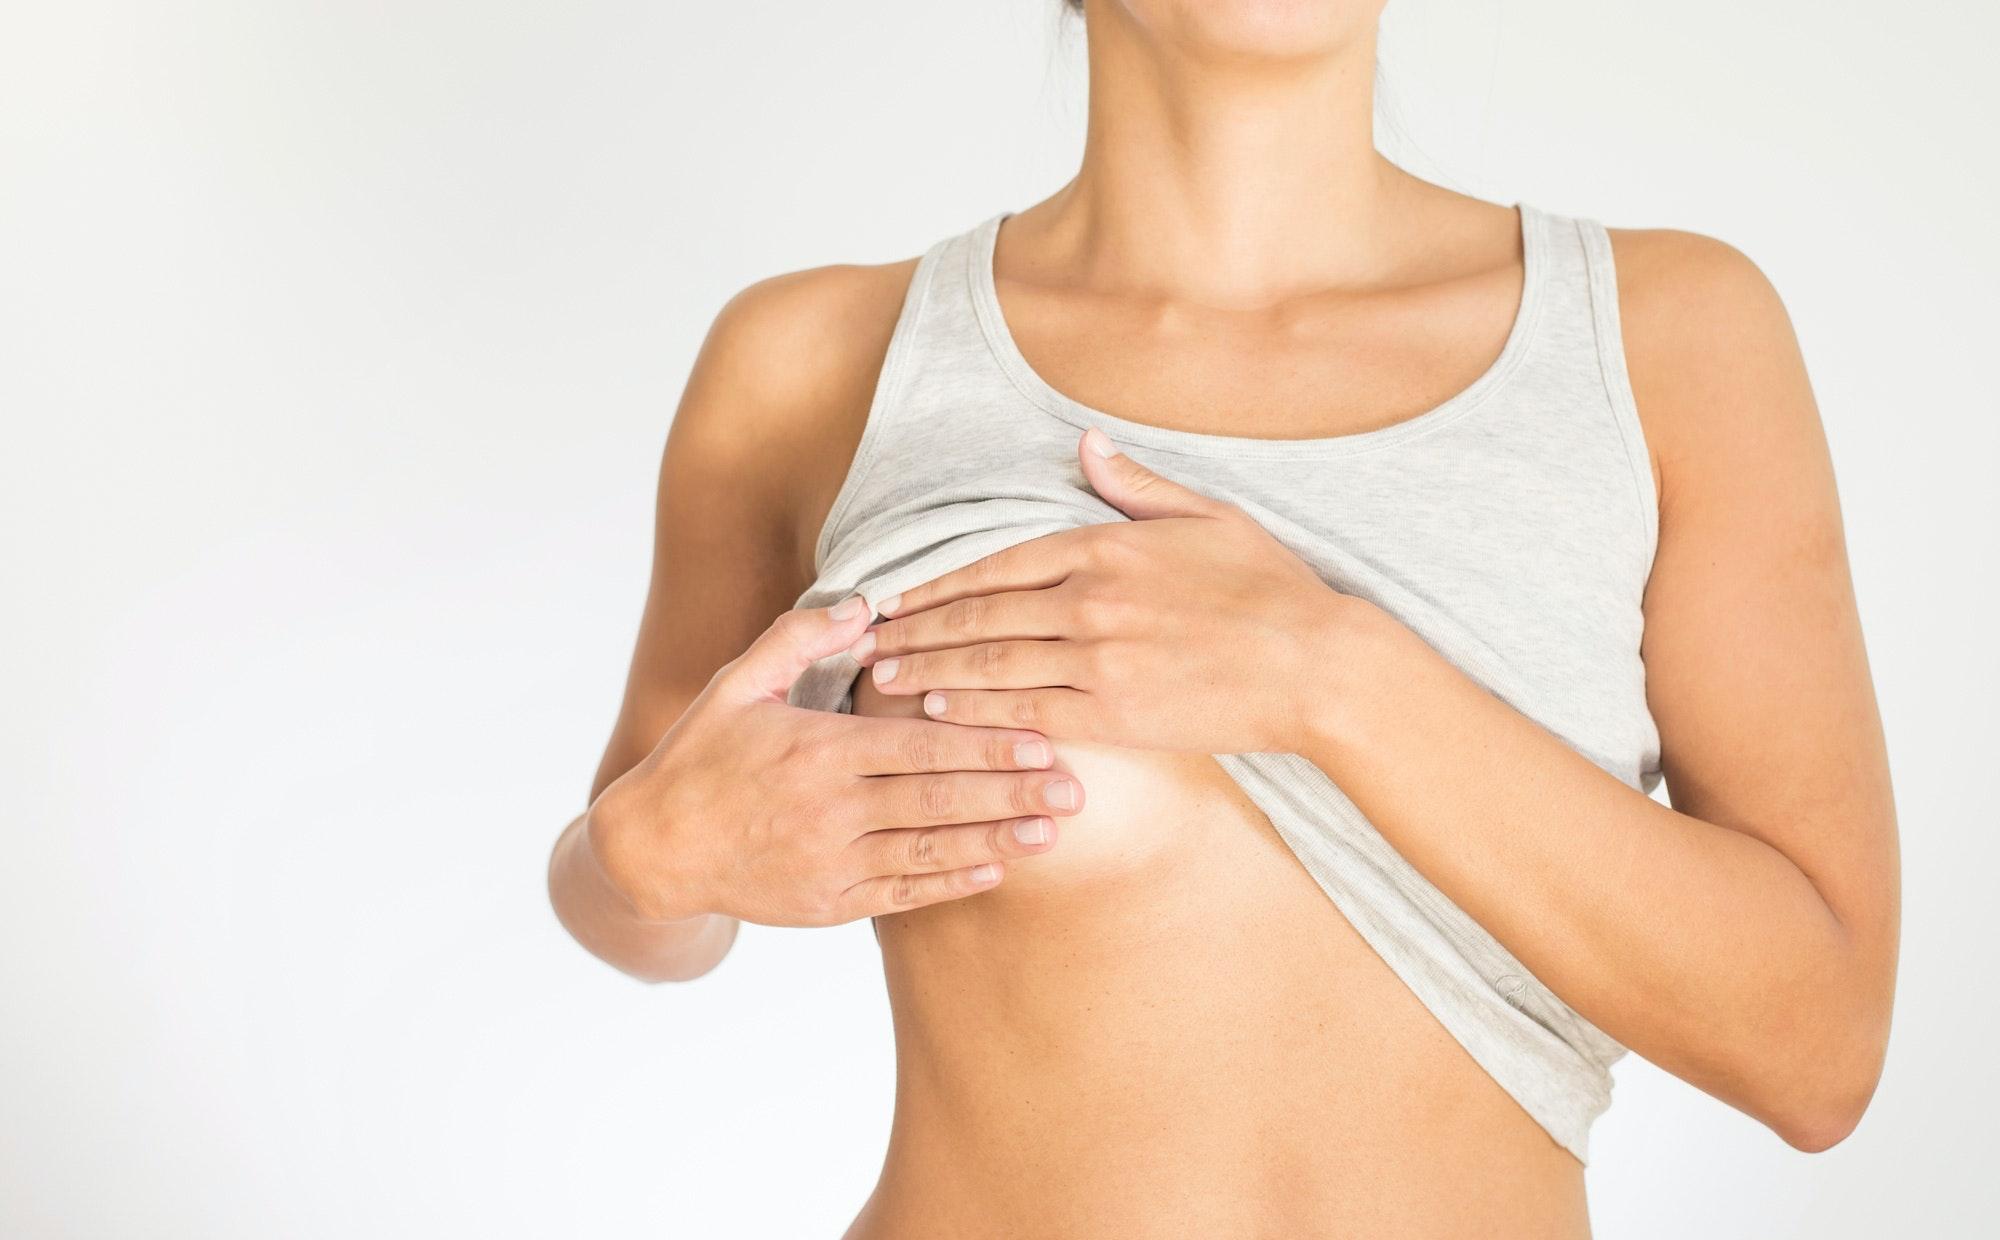 svien efter samleje hvordan får du mindre bryster